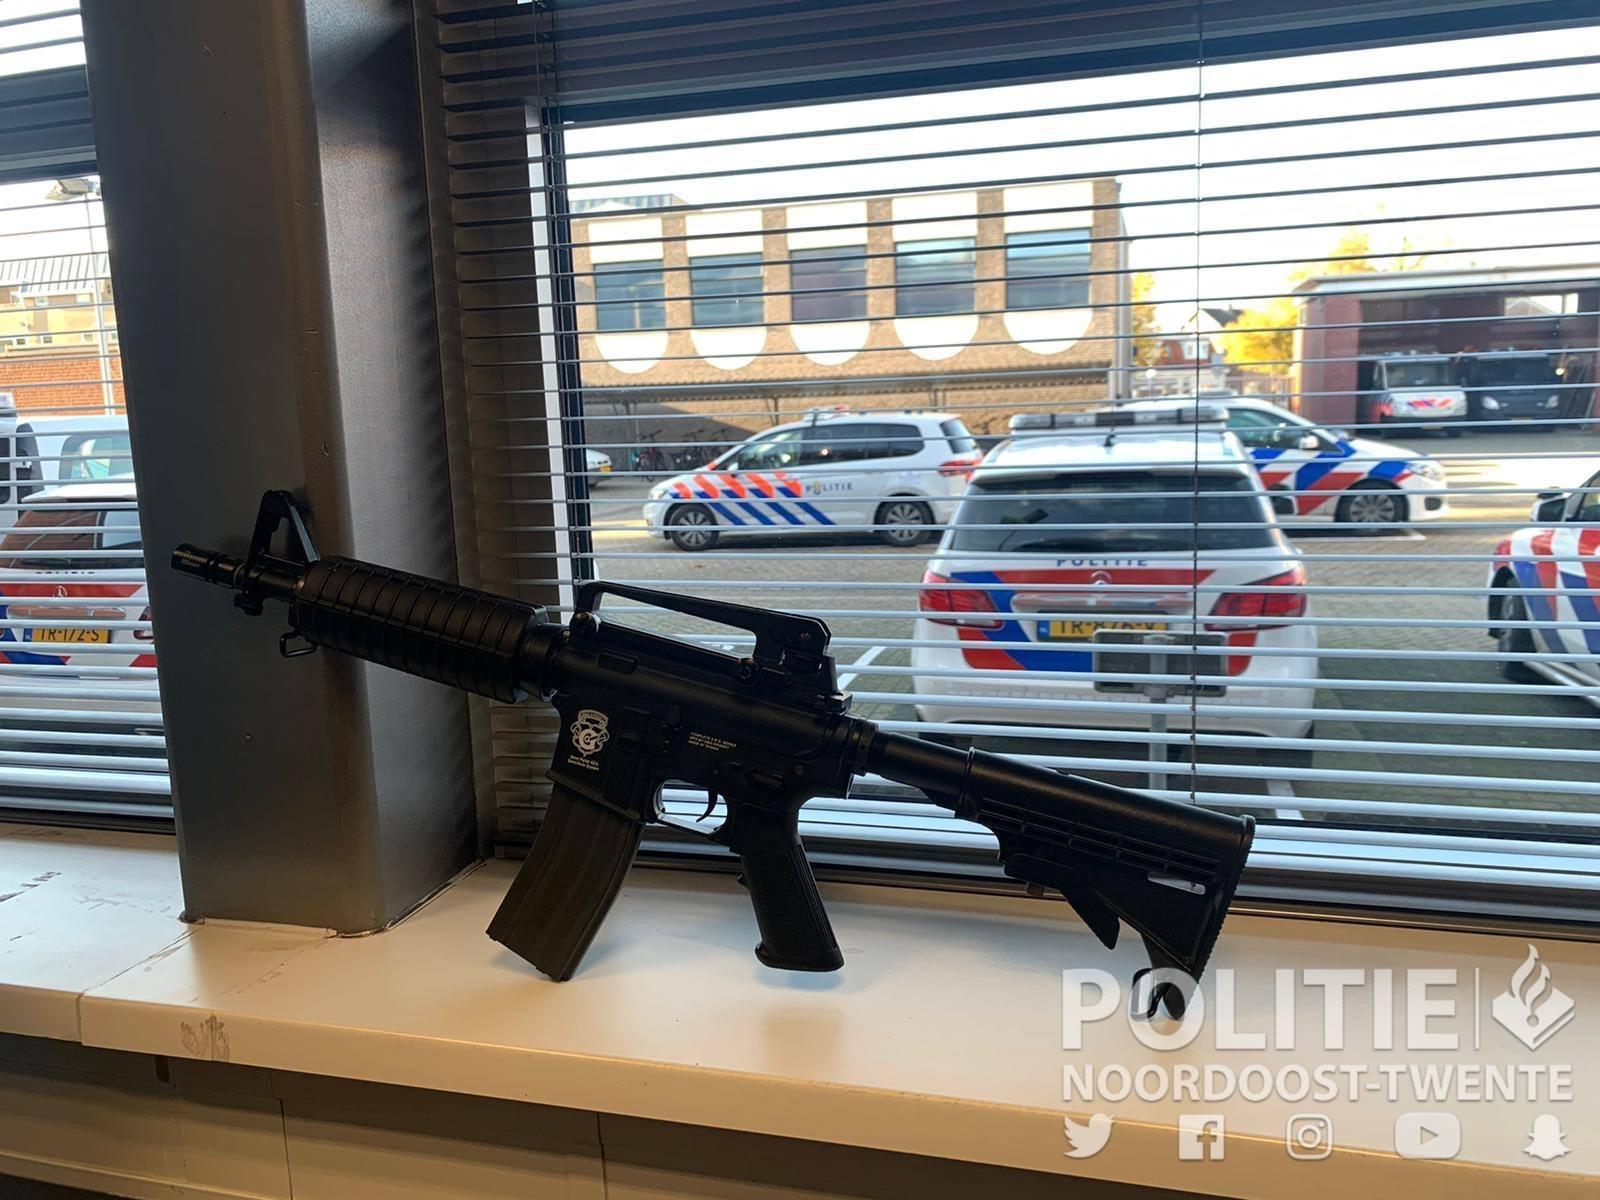 Zoeking in woning Oldenzaal; politie treft wapen aan